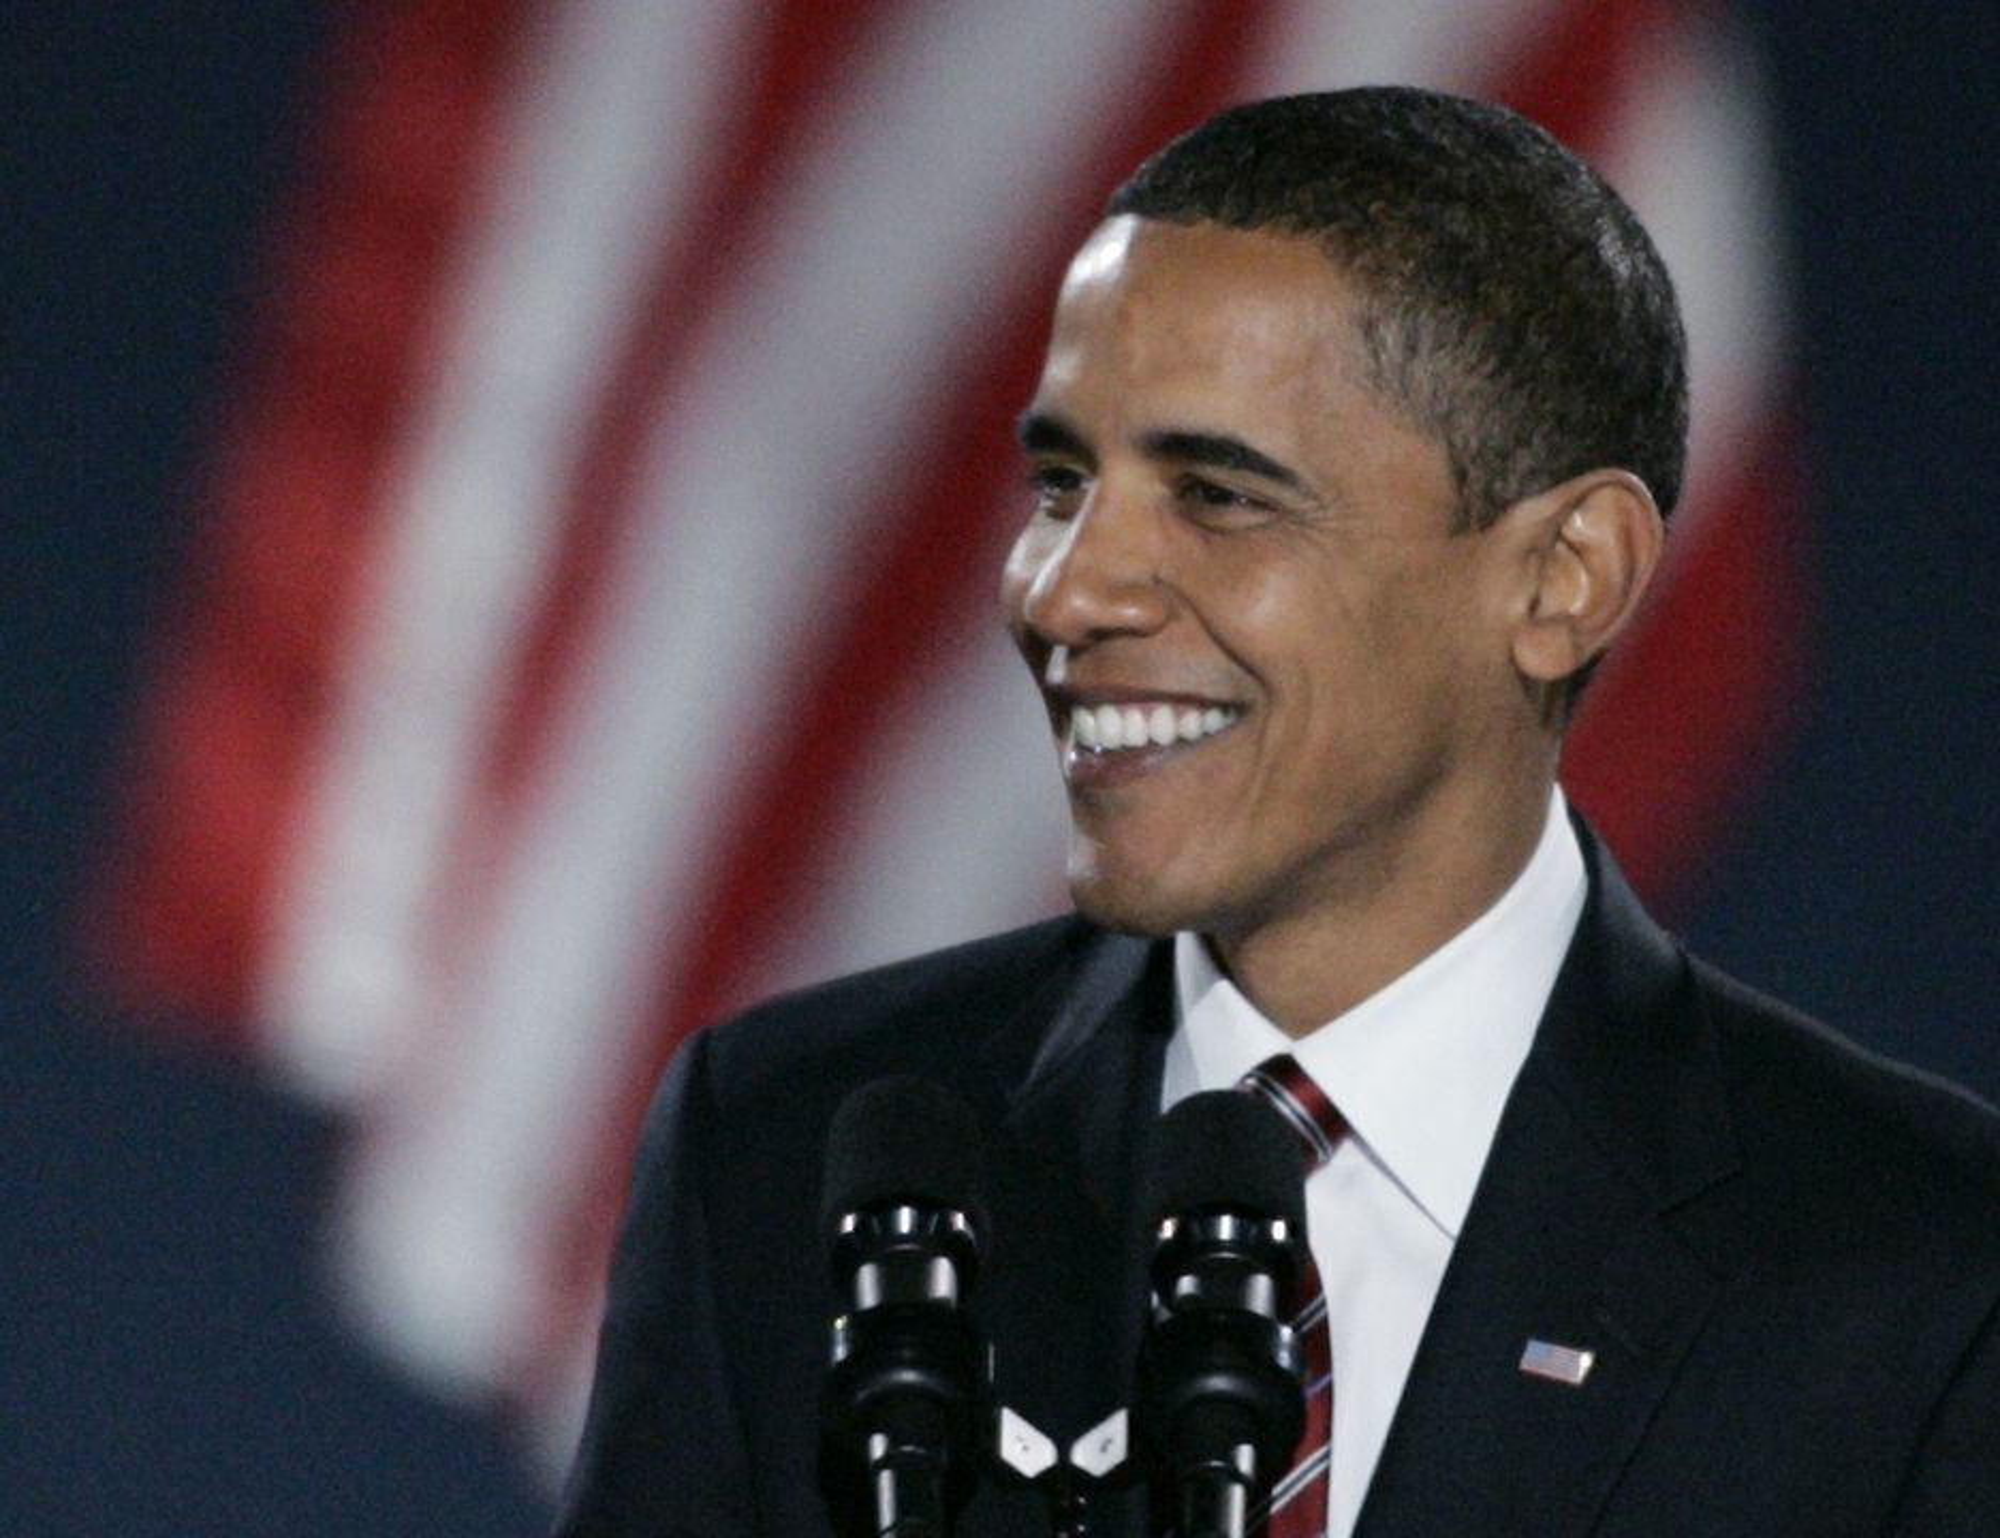 USAs 44. president, Barack Obama. Valgt 5. november 2008, etter å ha knust John McCain i et valg med historisk deltakelsesprosent.